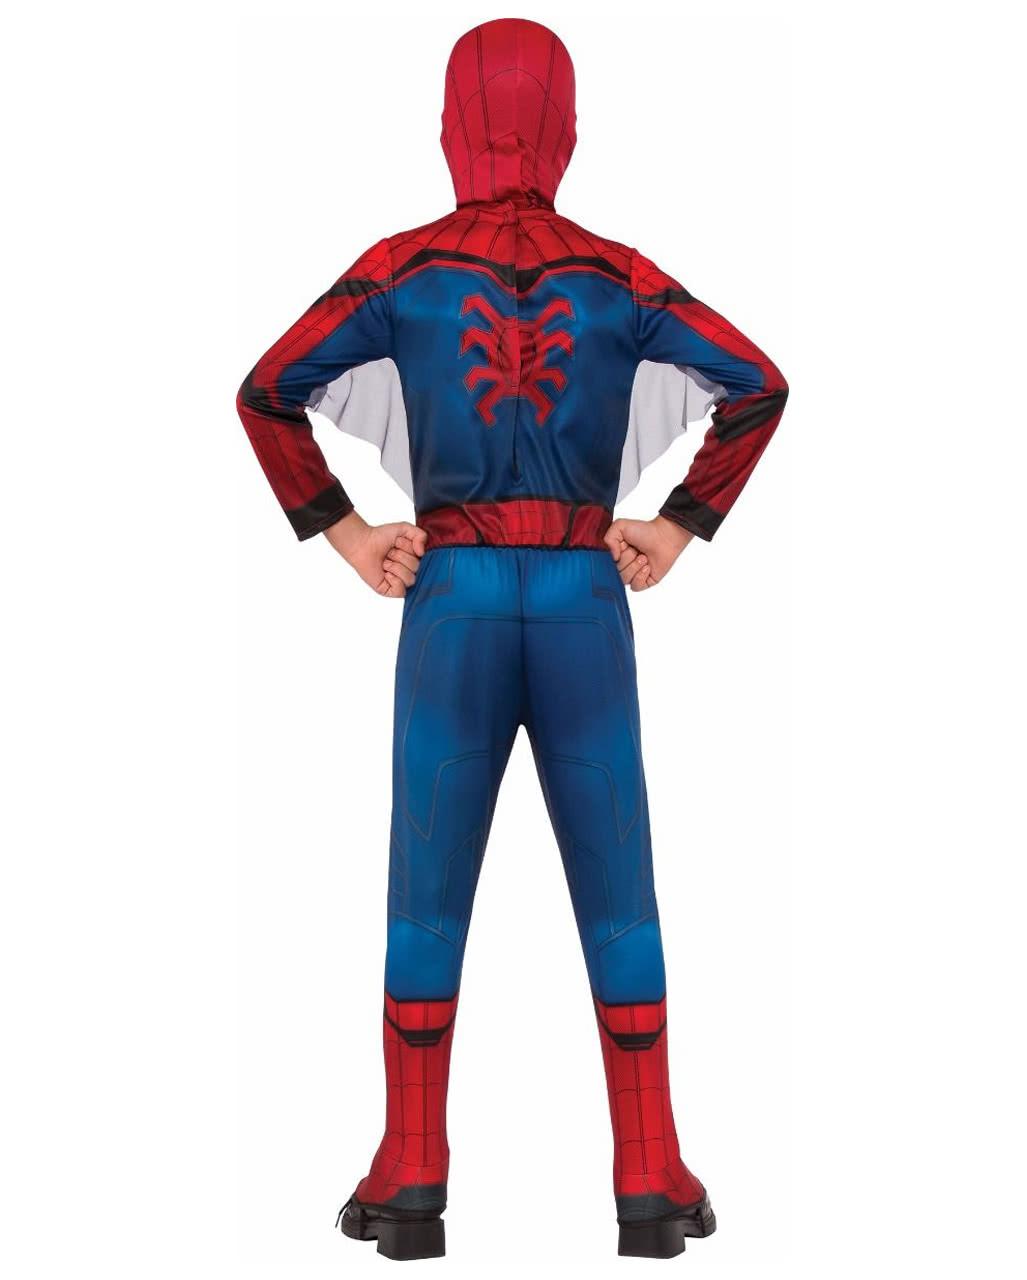 spiderman kinderkost m mit maske marvel kost m horror. Black Bedroom Furniture Sets. Home Design Ideas